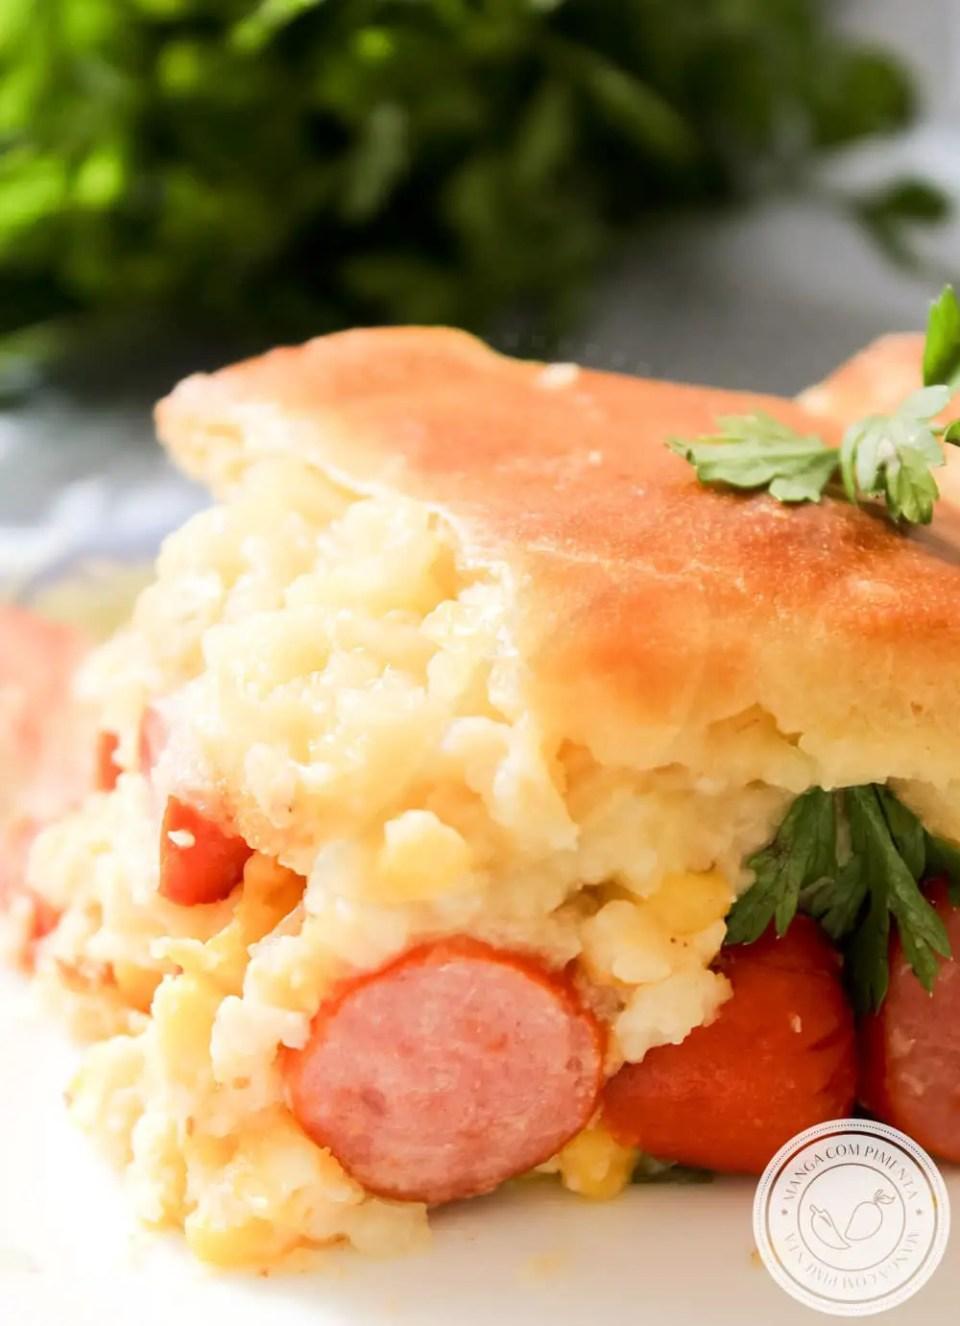 Receita de Torta de Cachorro Quente com Milho e Purê de Batata - um lanche da tarde delicioso.